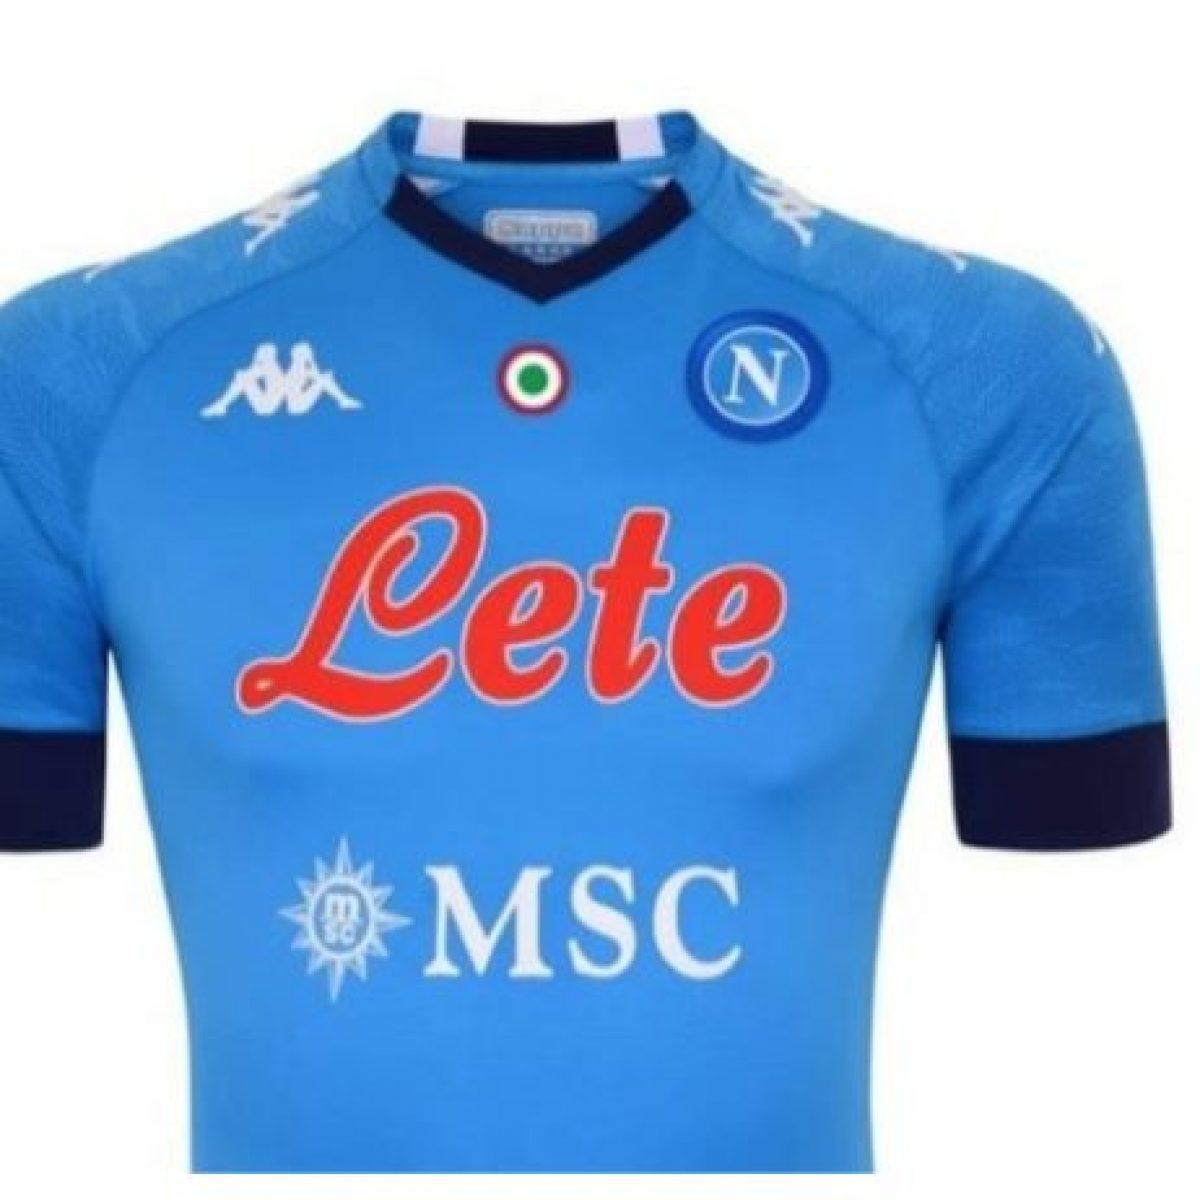 Napoli, le indiscrezioni sulla maglia del 2020-2021 fanno ...